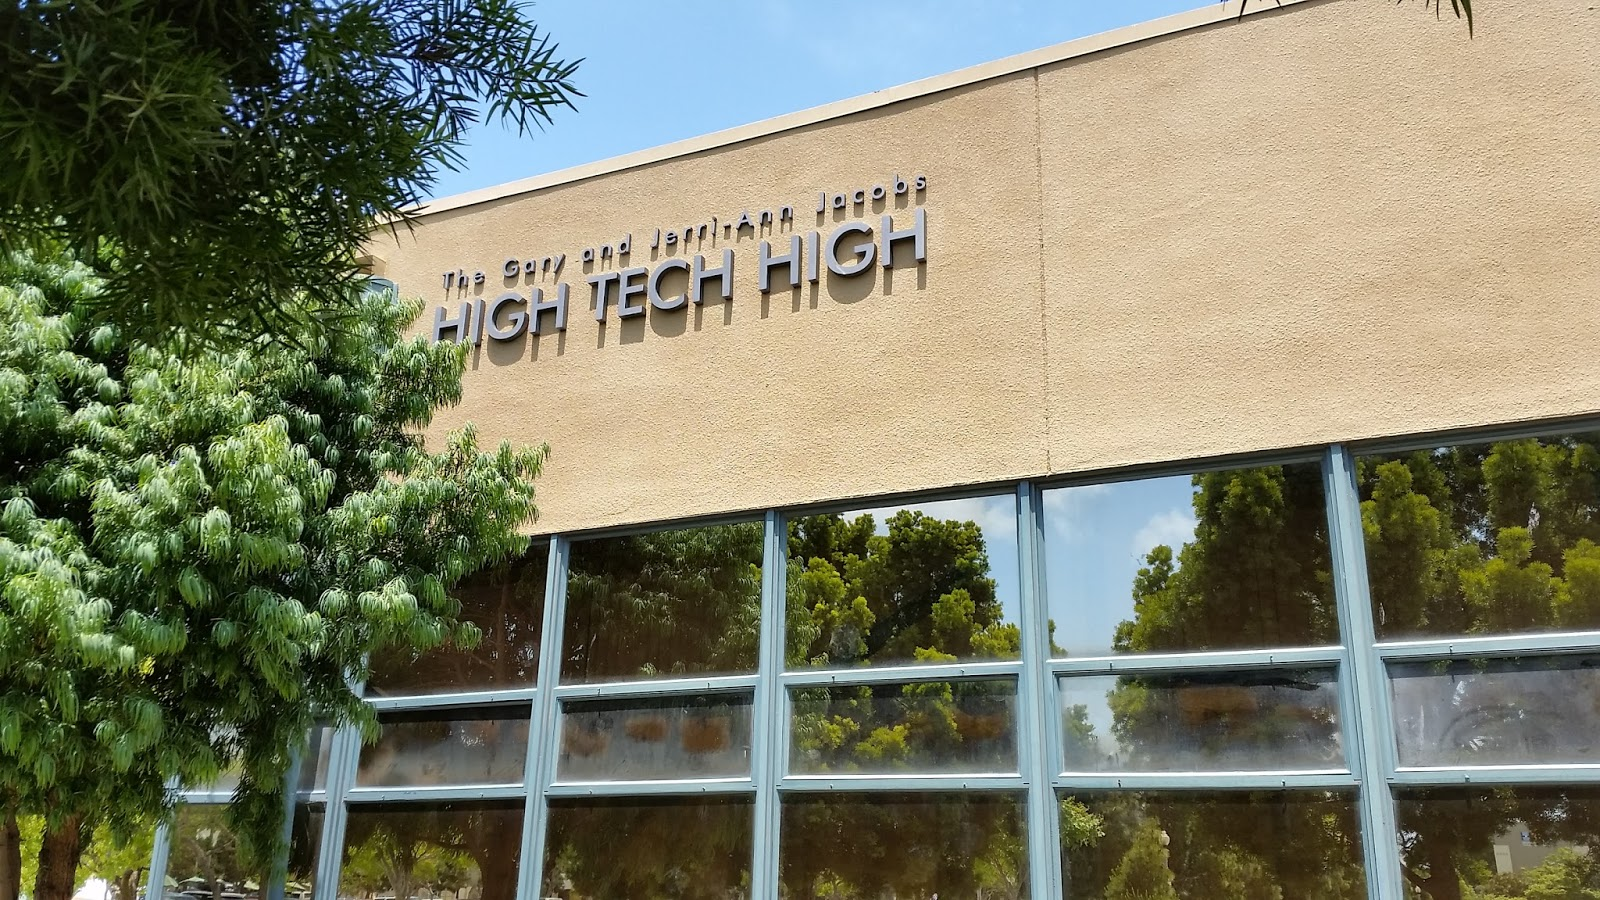 Principal Possum High Tech High Point Loma